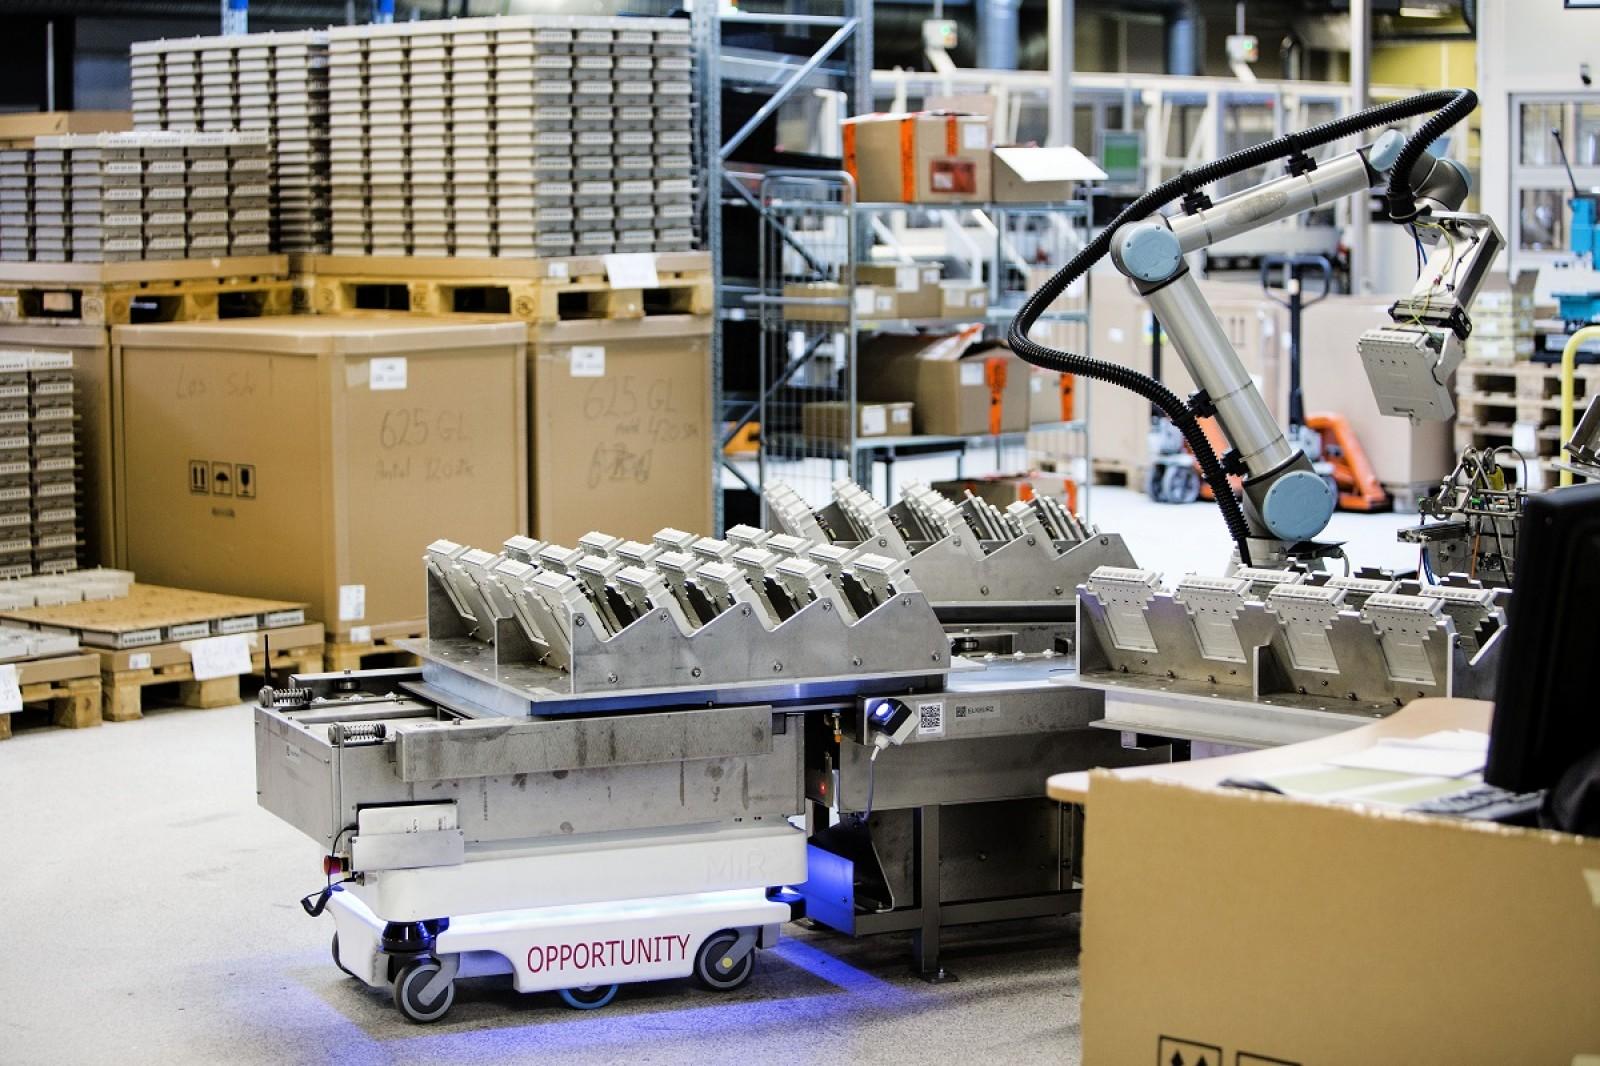 kereskedelmi robot fejlesztése megrendelésre)